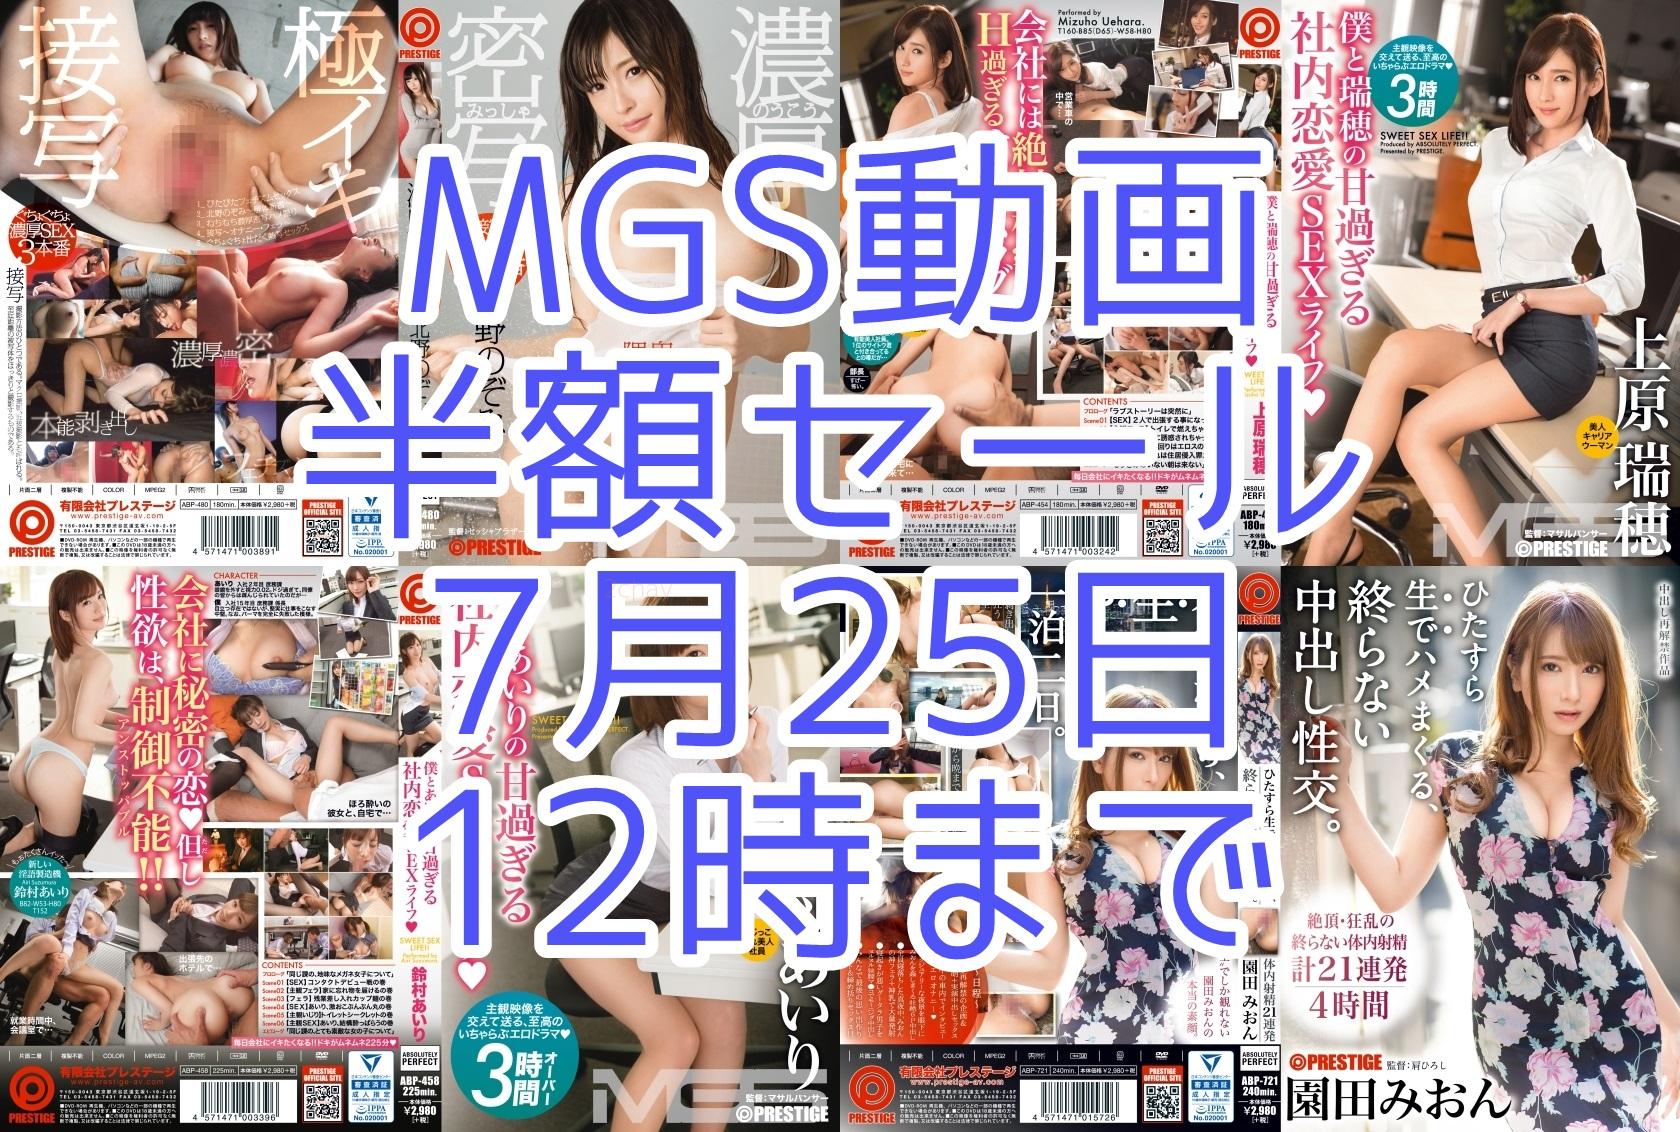 pb_e_abp-480-tile.jpg